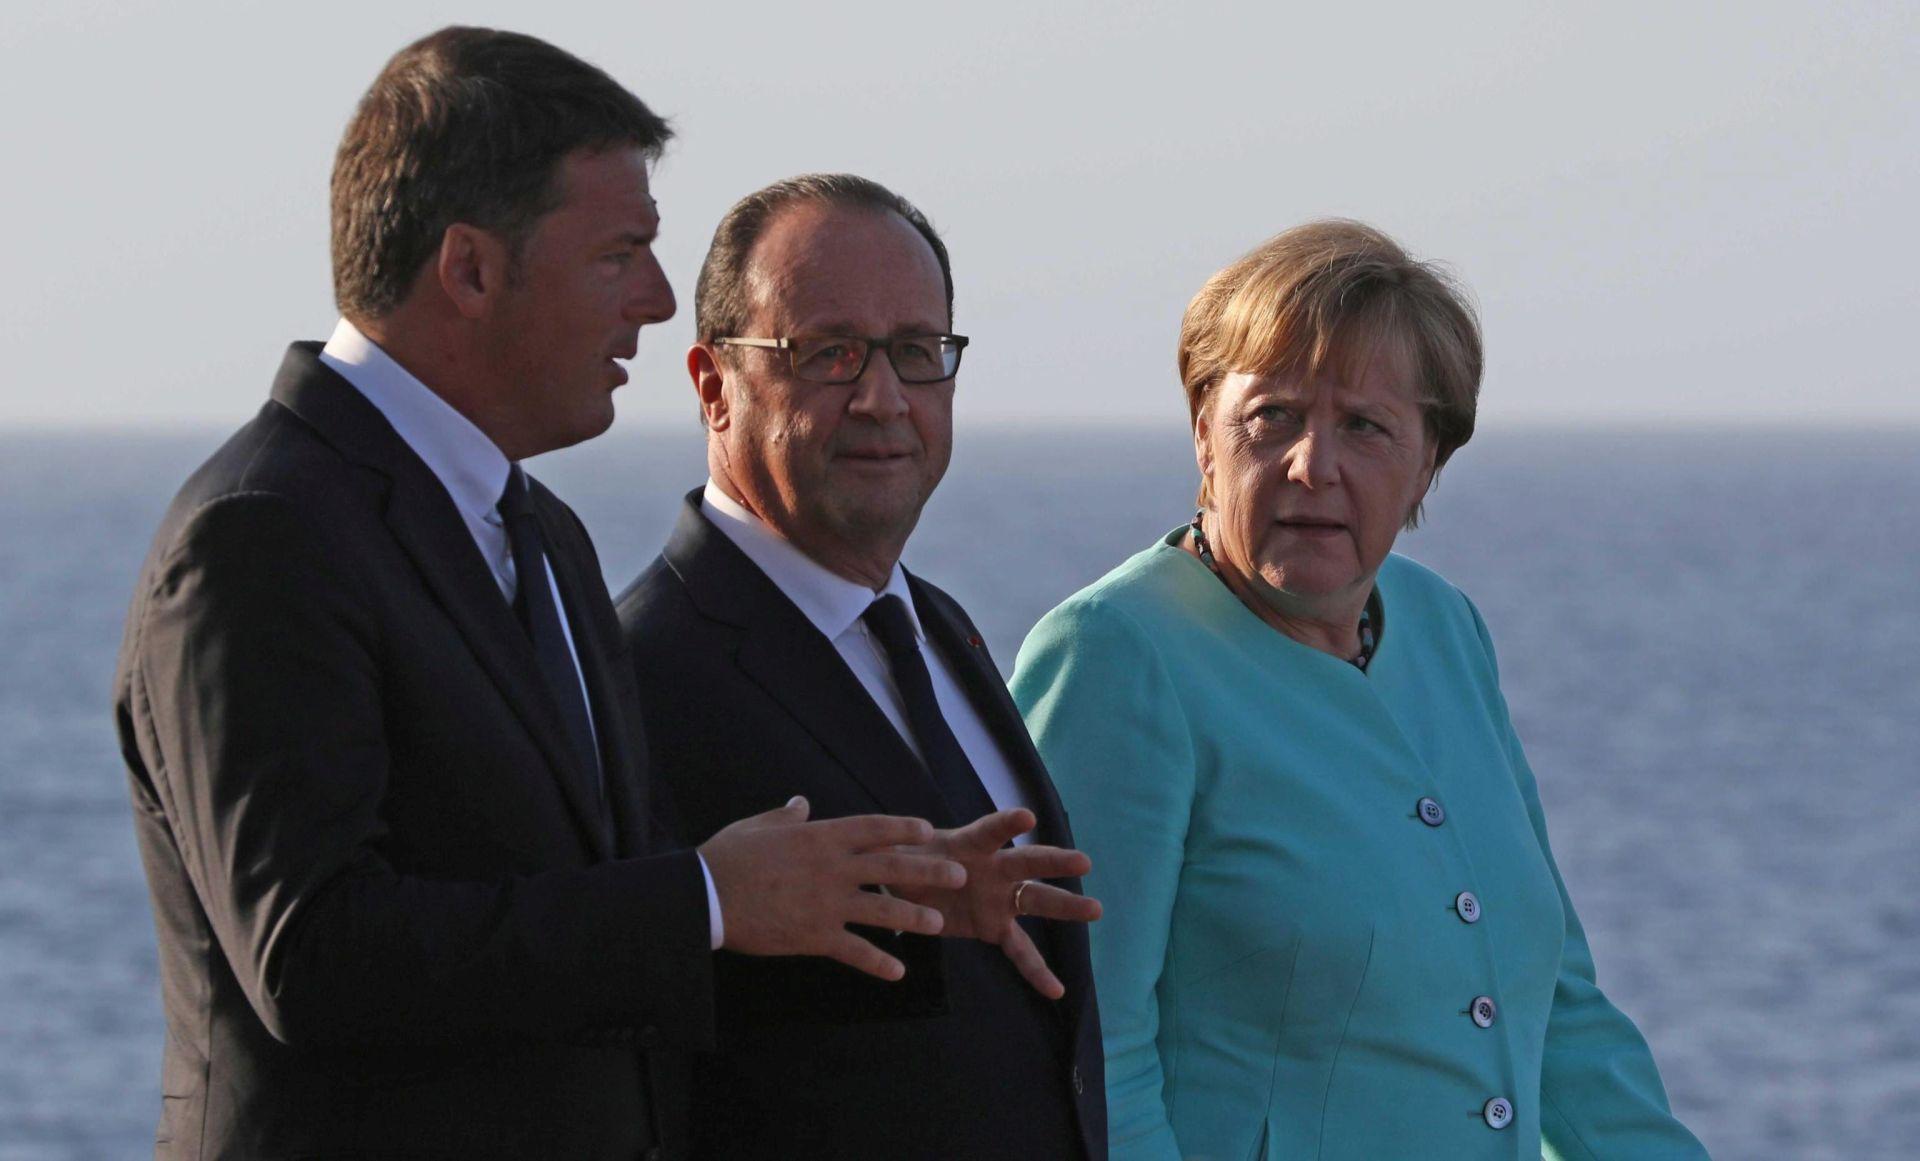 NAKON BREXITA: Njemačka, Italija i Francuska kažu da Europa mora ići dalje